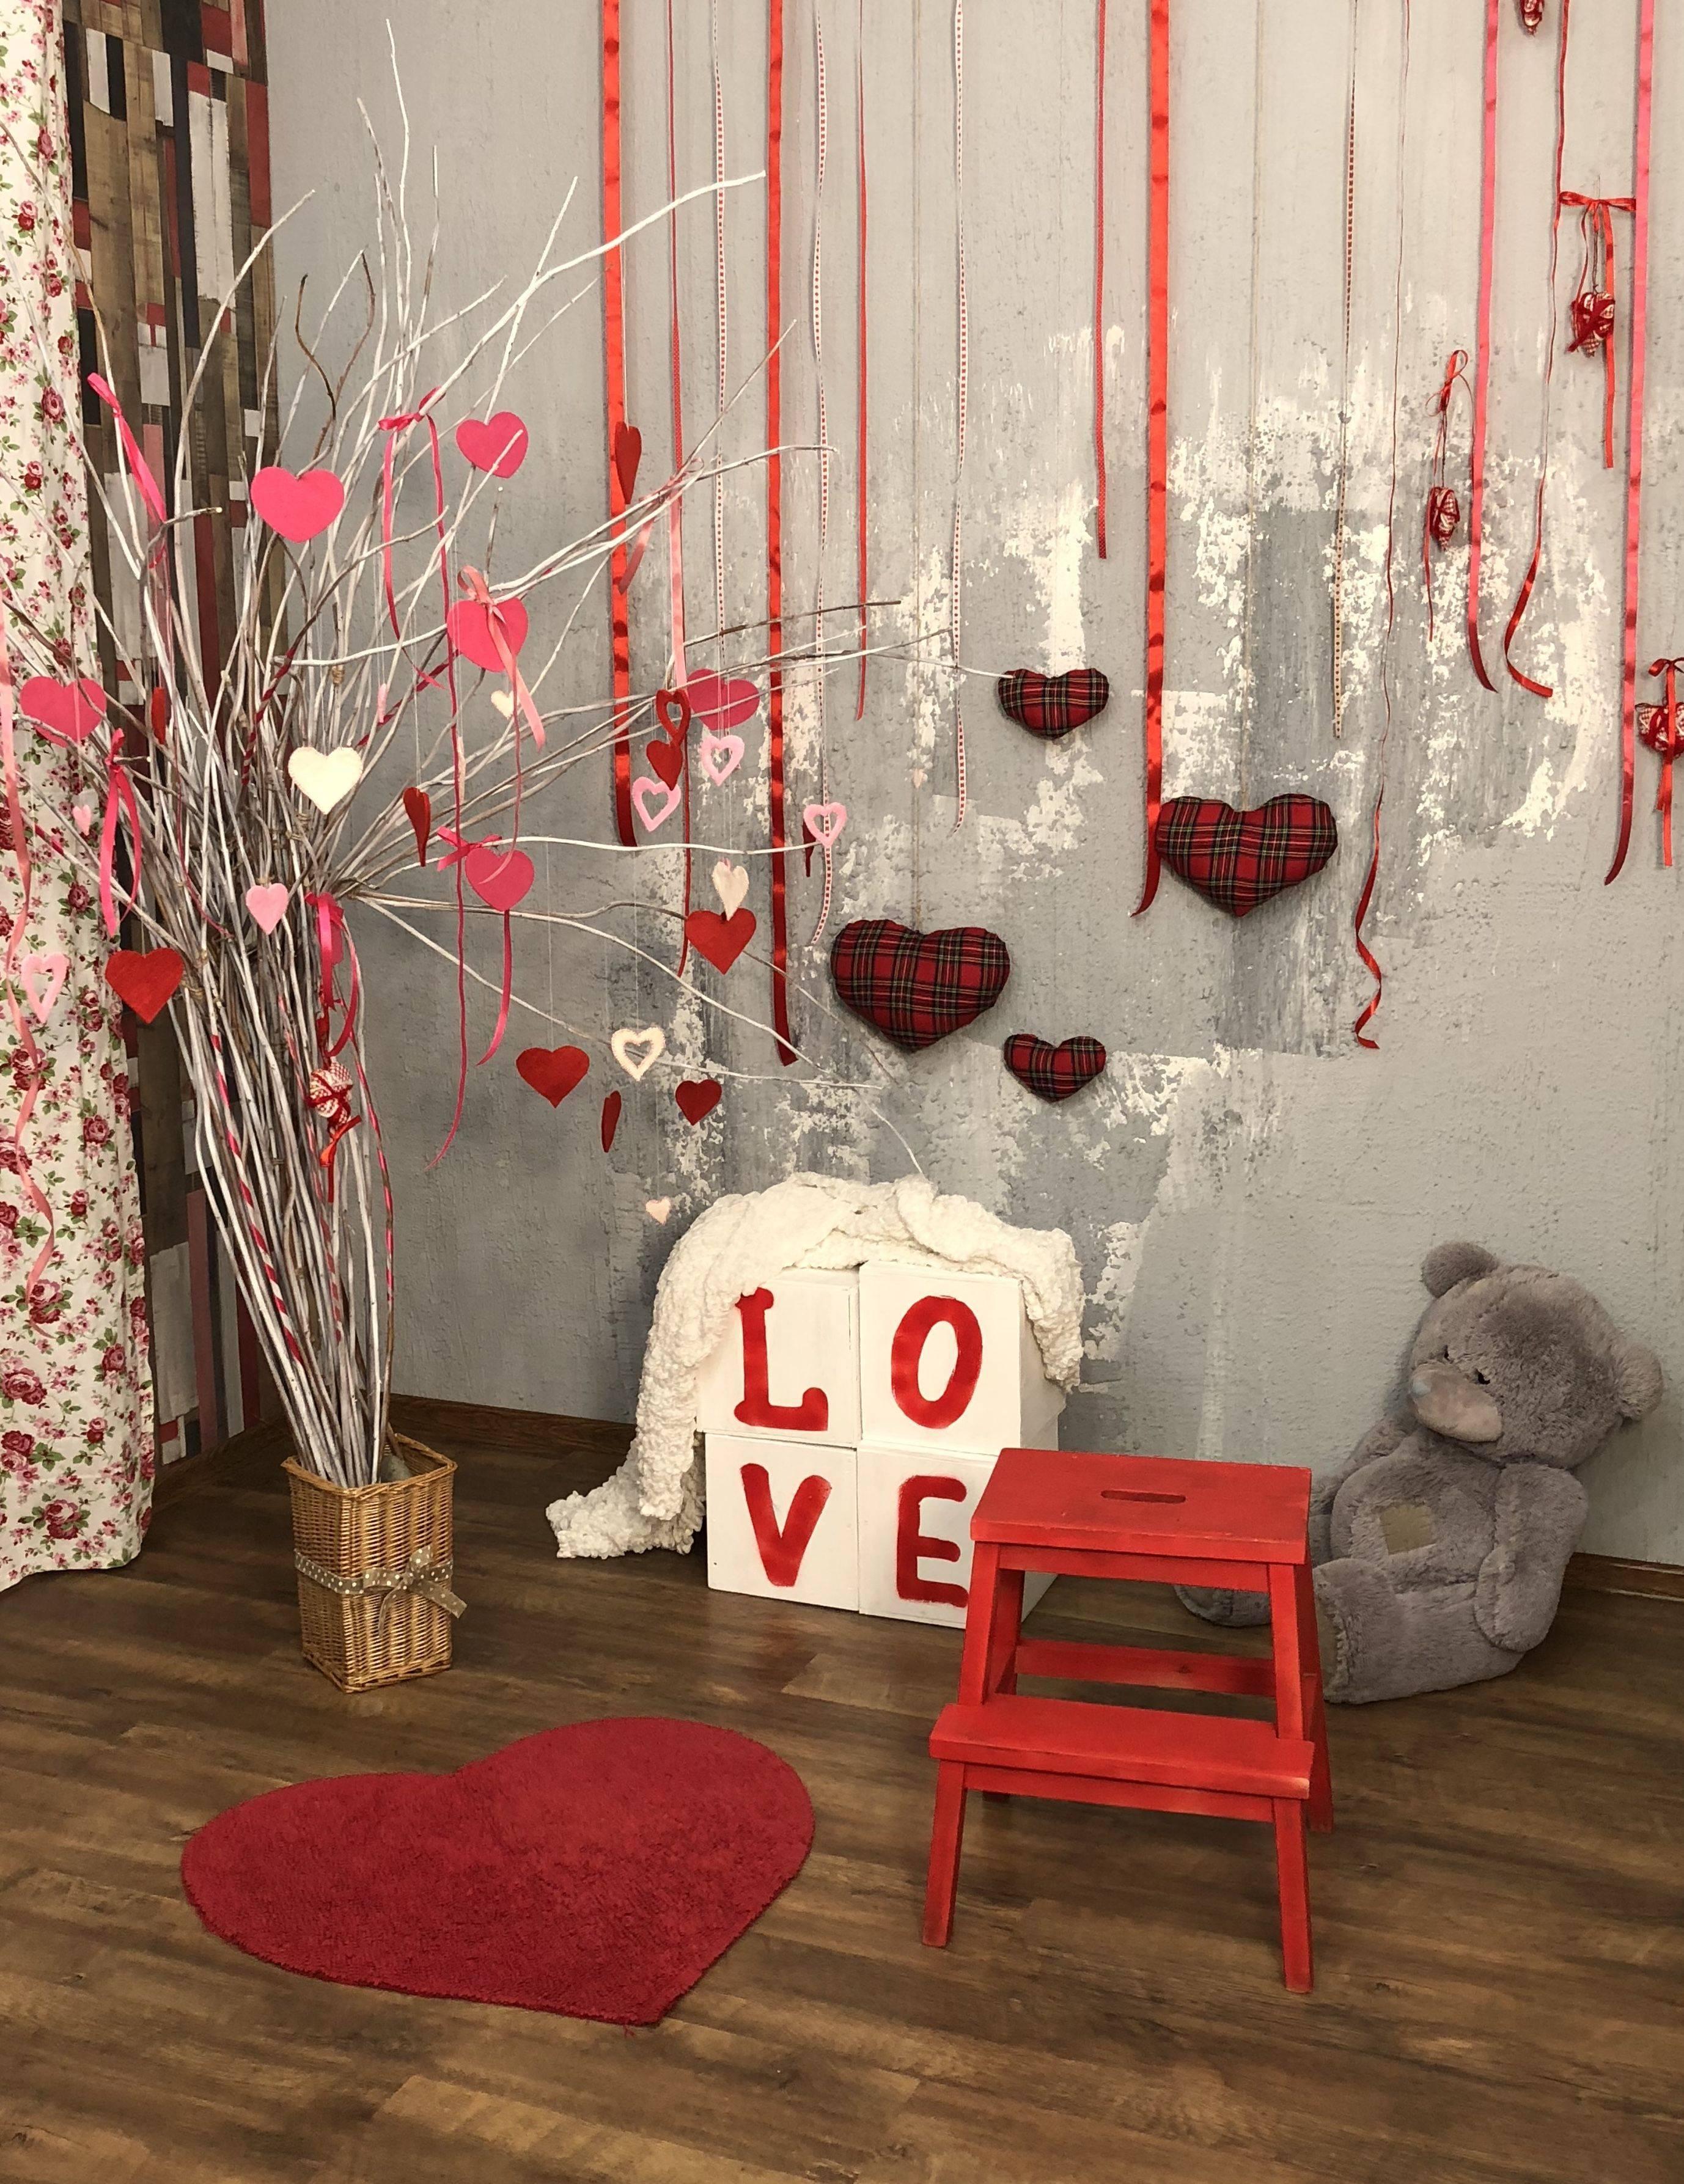 Украшение зала на свадьбу своими руками. современные идеи дизайна и стильный декор + 175 фото